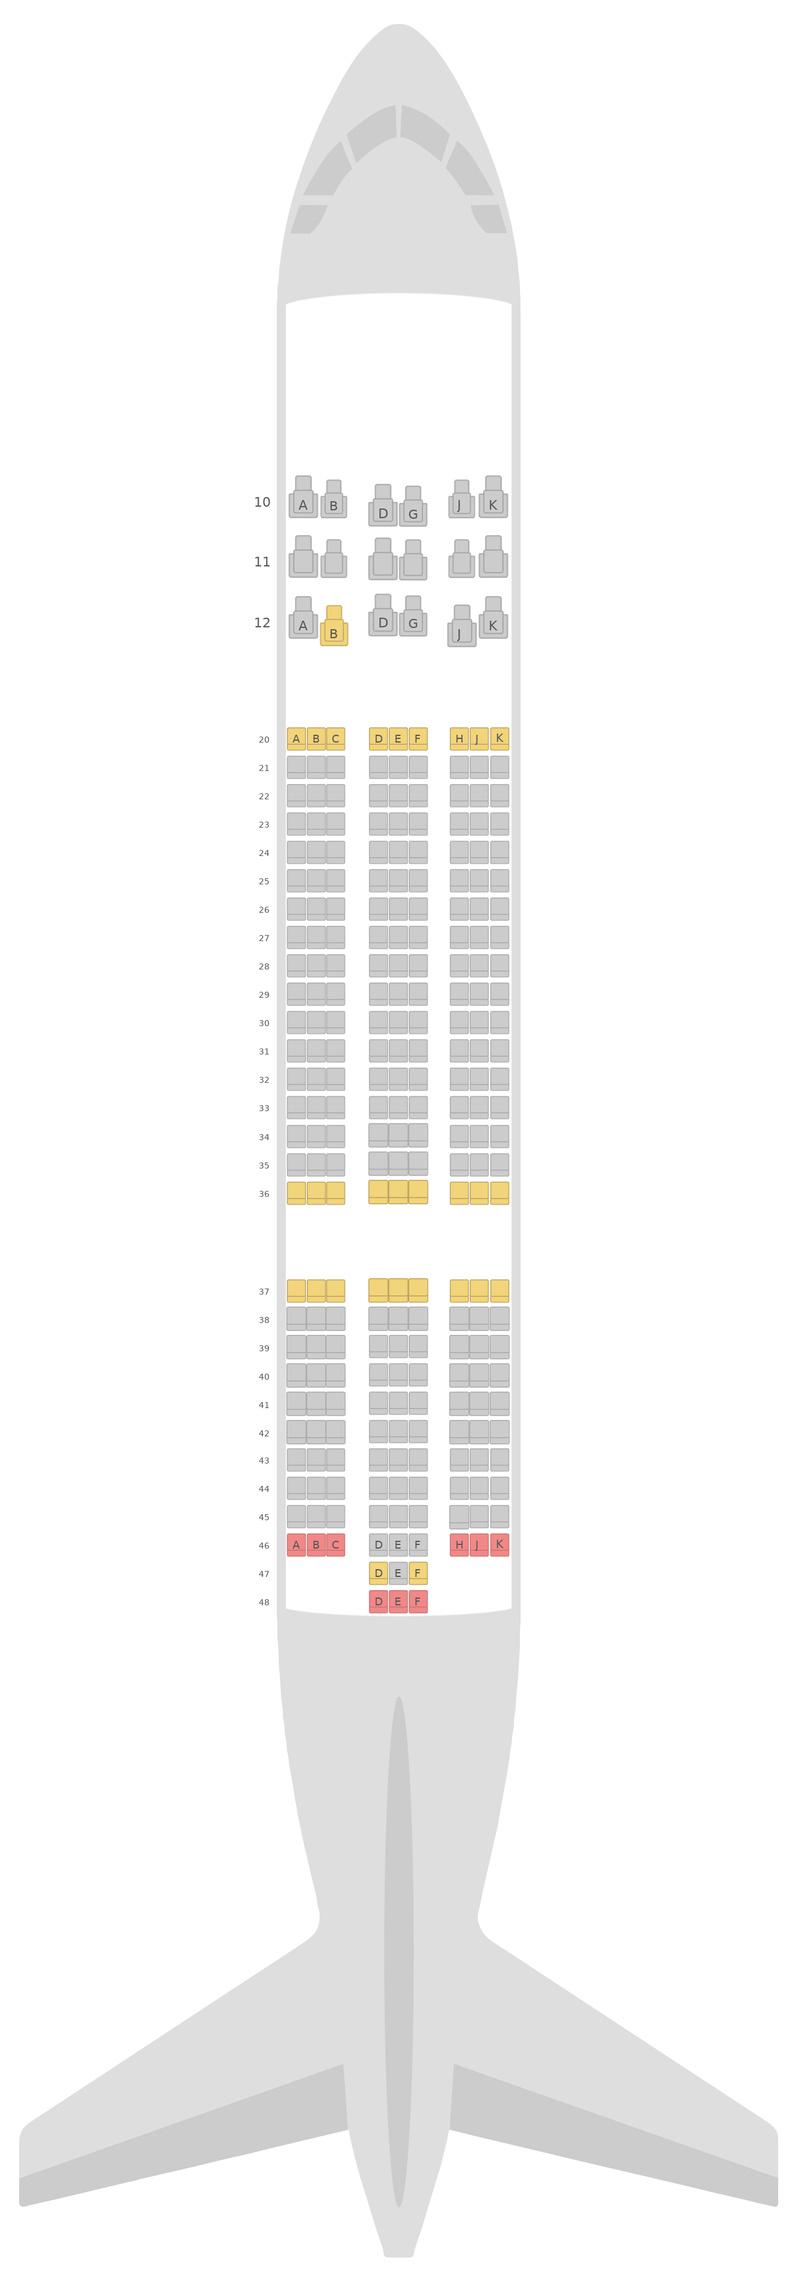 Схема салона Боинг 787-8 (788) Оман Эйр